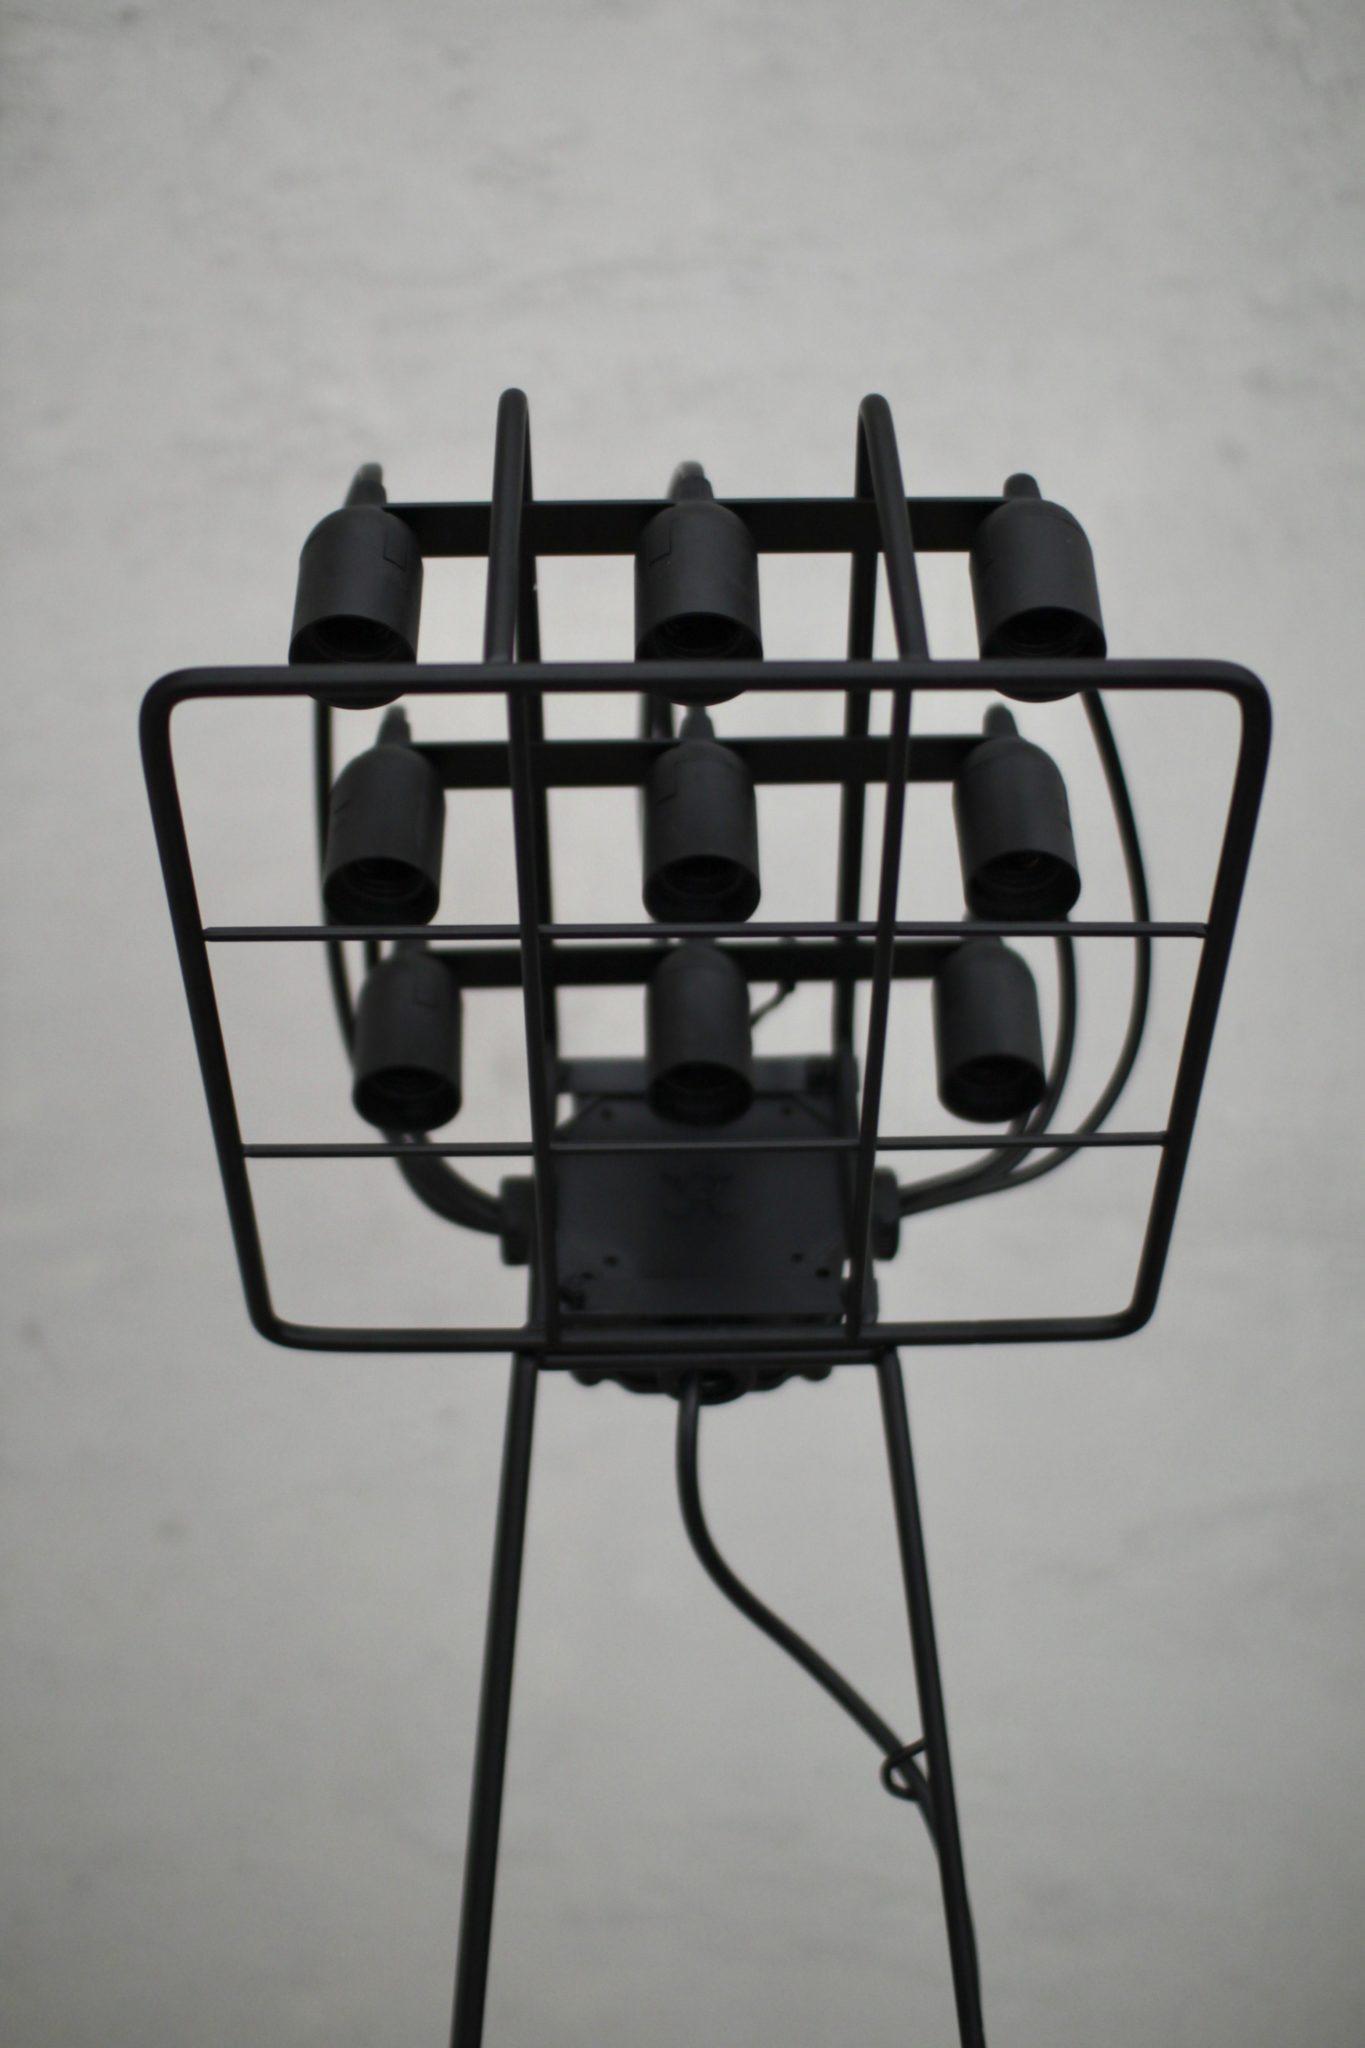 lampa industrialna Icon Grit, lampa metalowa, lampa przemysłowa, lampa loftowa, lampa podłogowa